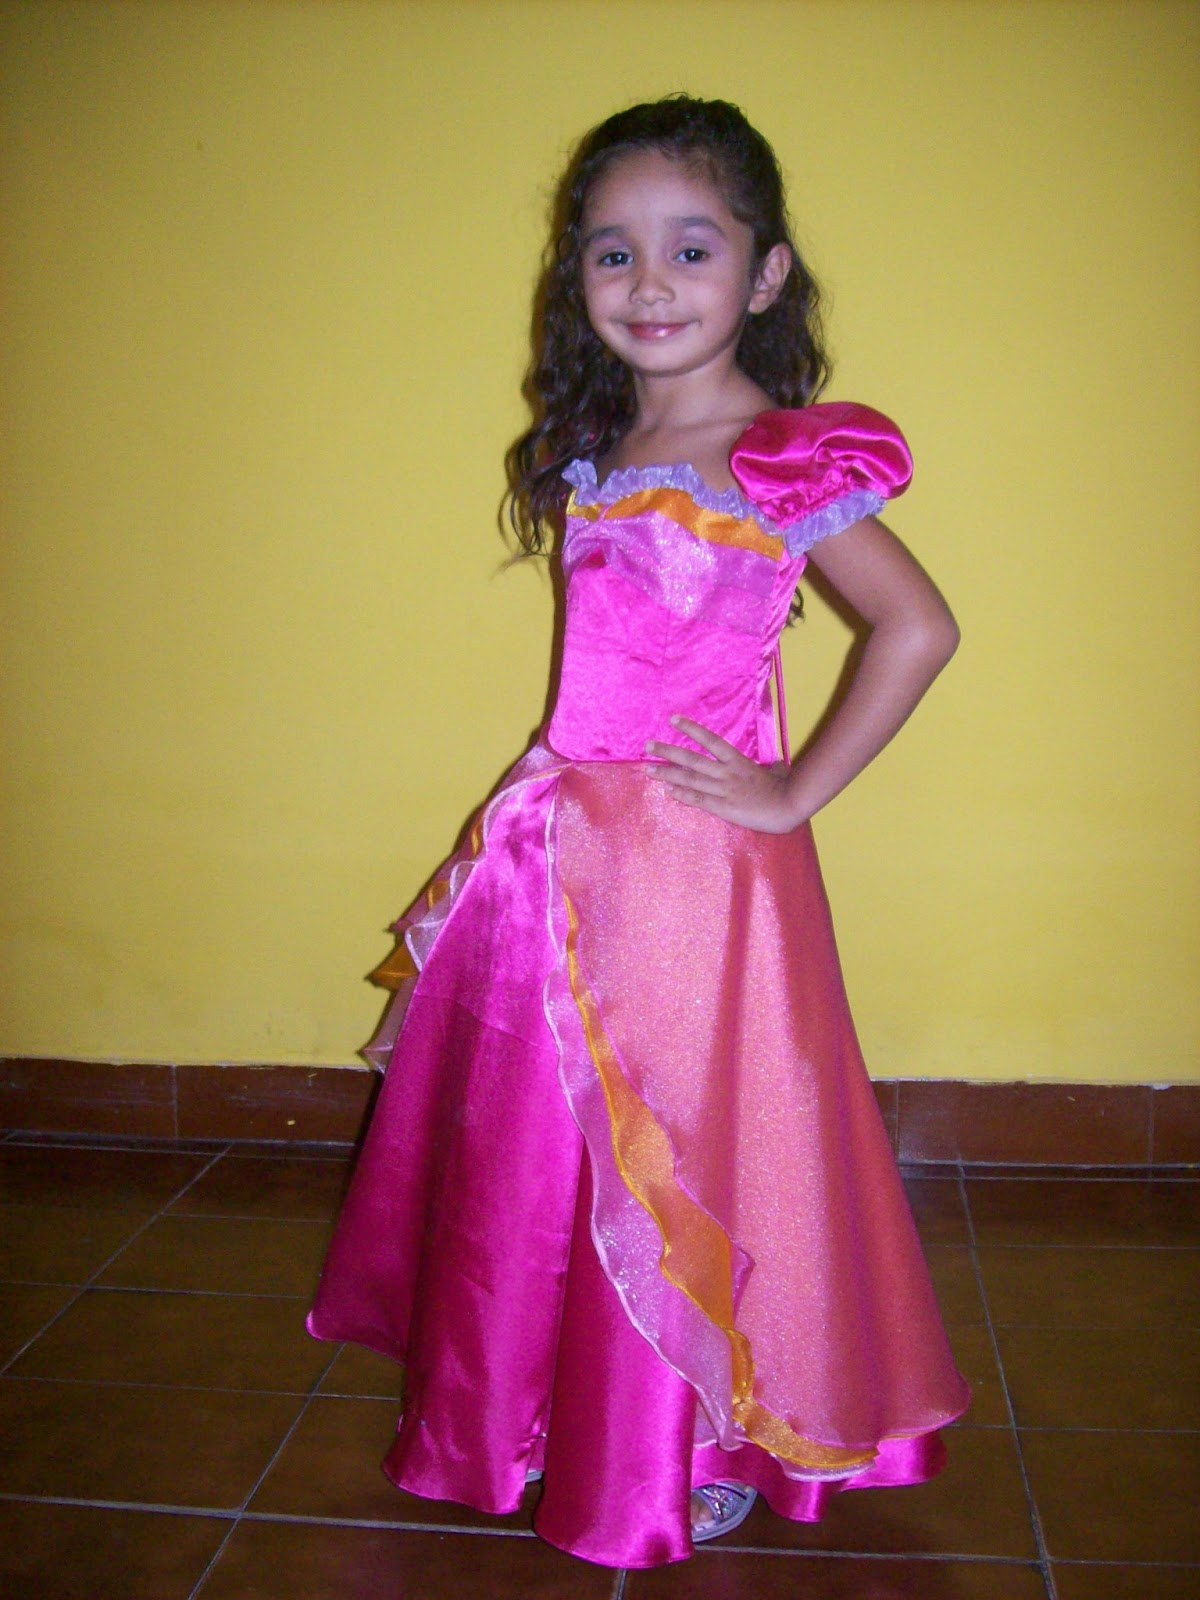 5c7d0ecafe Vestido Barbie - Castelo de Cristal Modelo  Leticia Carvalho